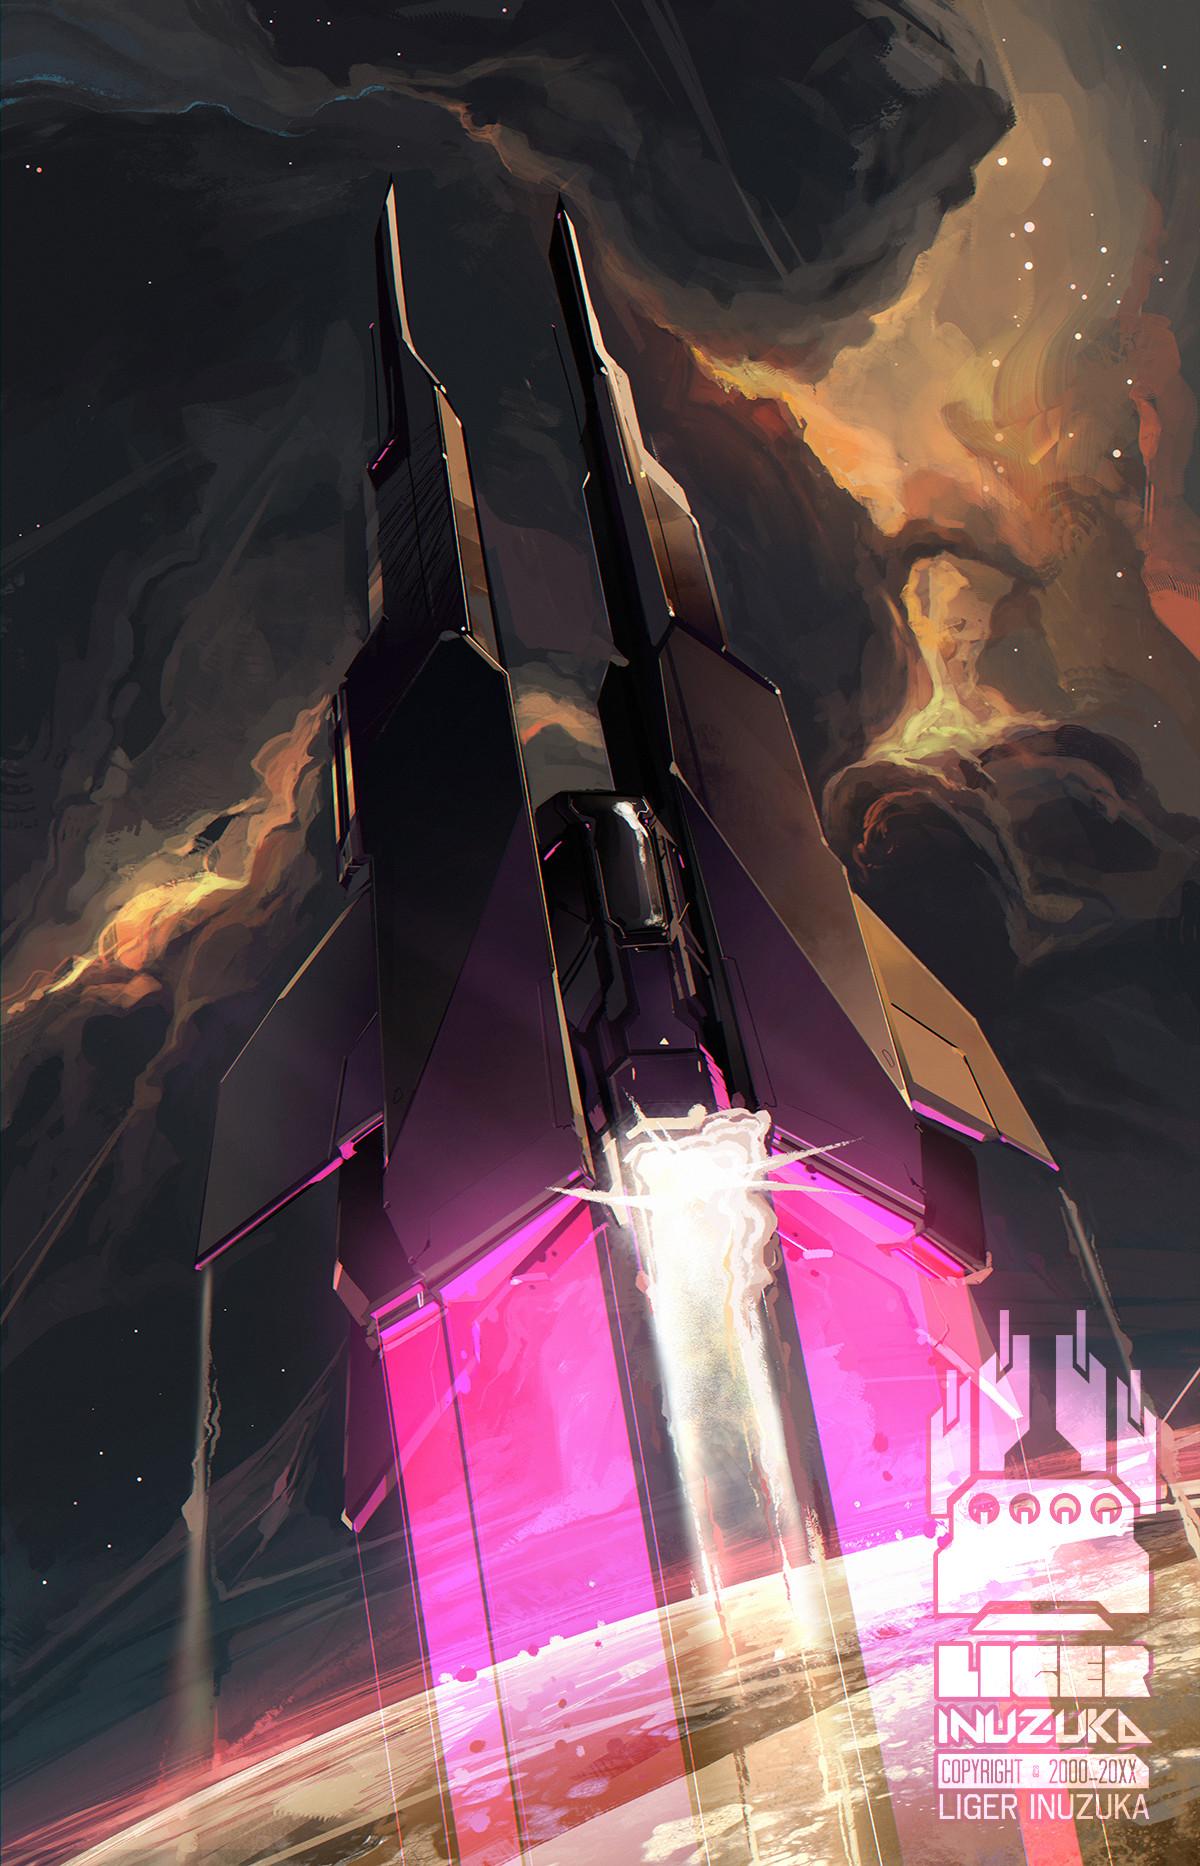 Liger inuzuka purple shuttle wtrmrk